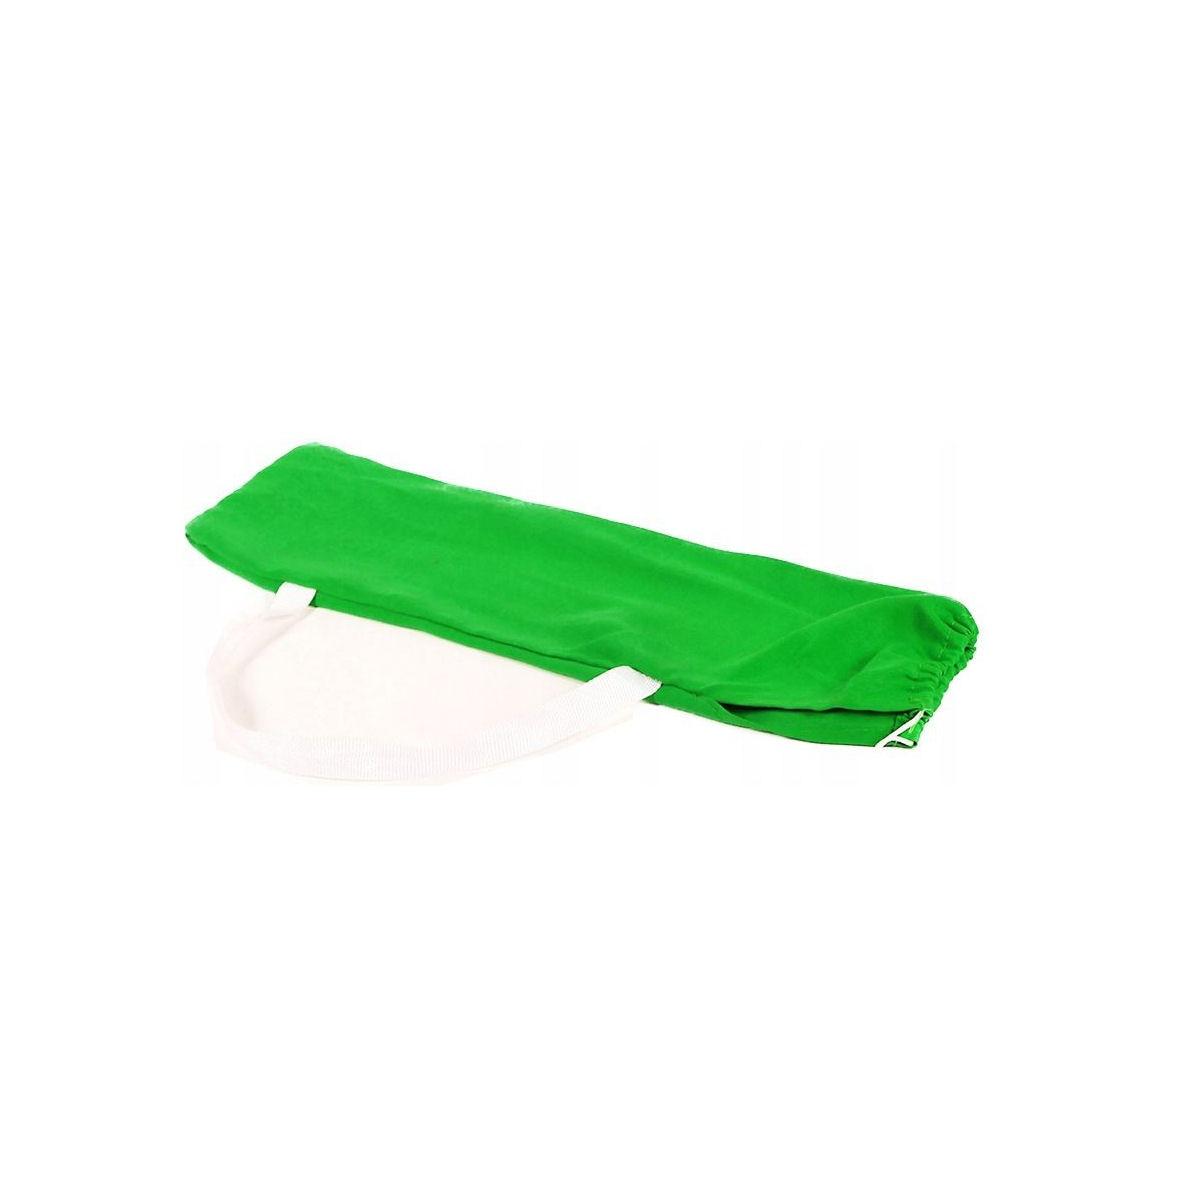 Összecsukható, könnyű kempingszék zöld színben, napozó ágy